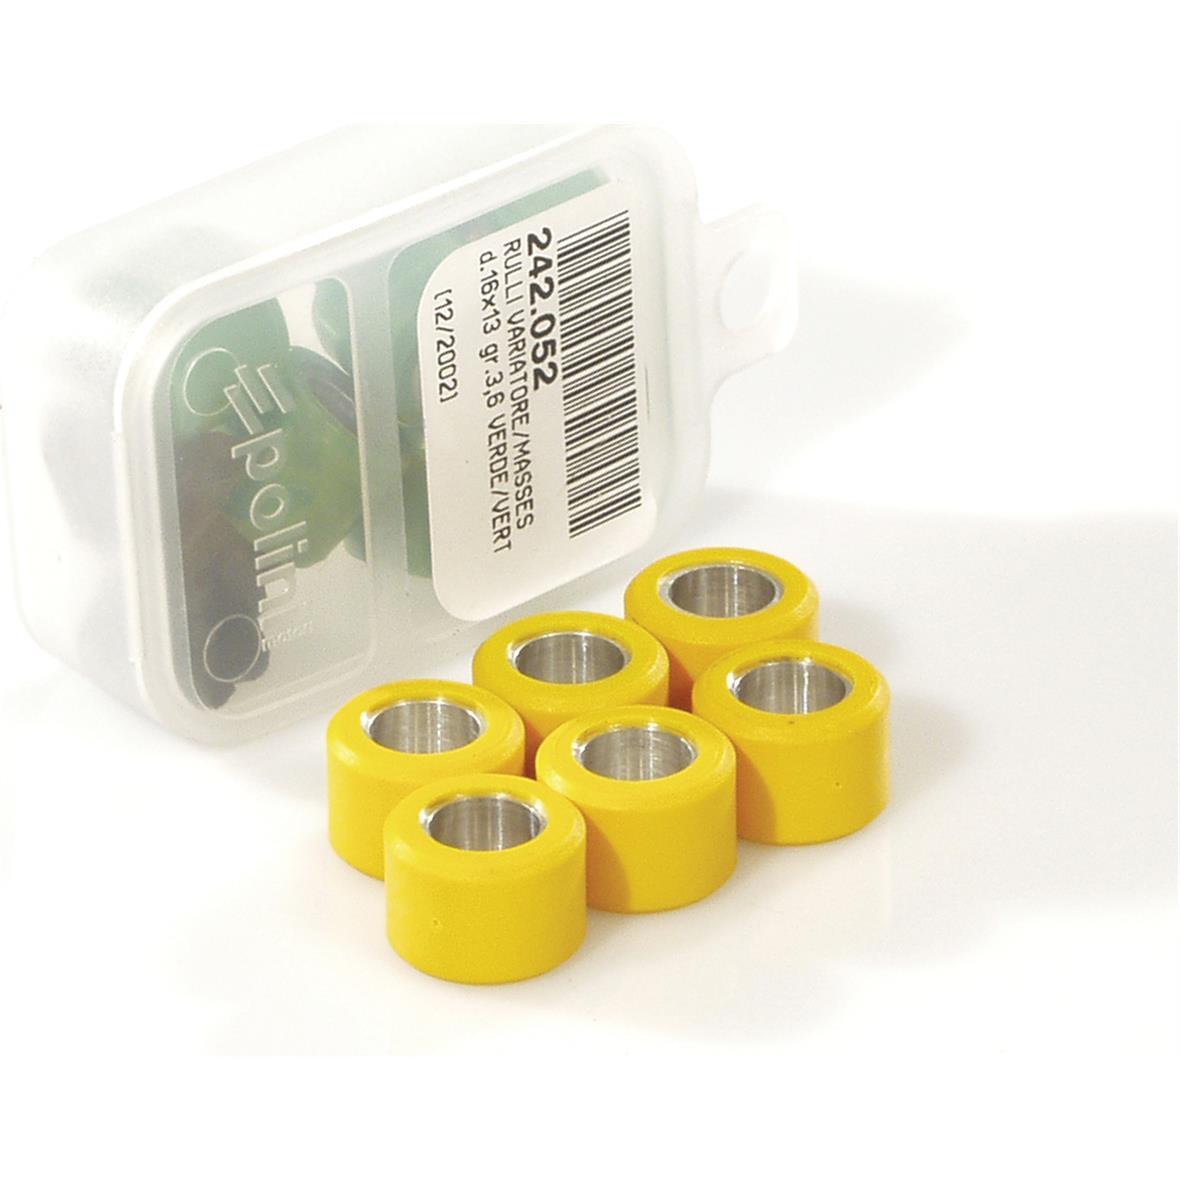 Εικόνα προϊόντος για 'Ράουλα Βαριατόρ POLINI 20x12 mm 14,1 γραμμάριοTitle'